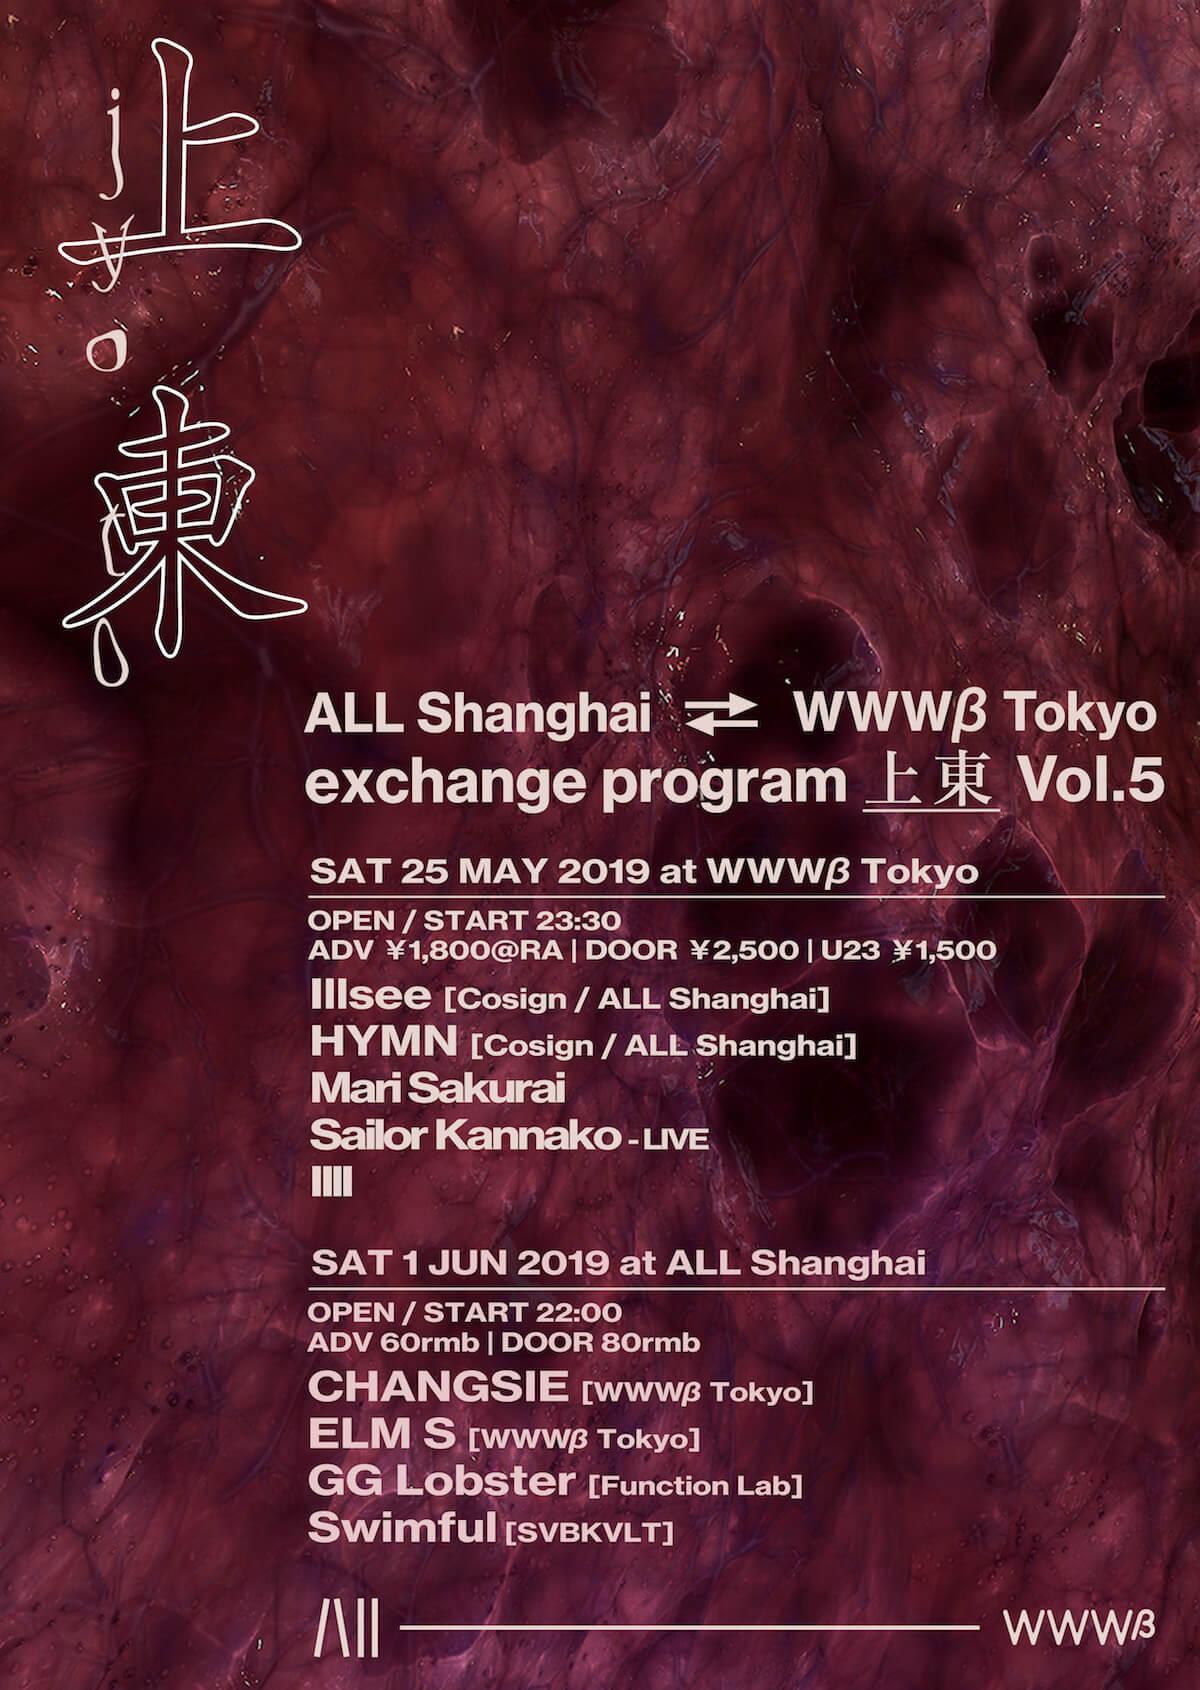 上海ALLと東京WWWβによる交換プログラム「上東」第5弾が本日開催|上海からIllsee、HYMN ローカルからSailor Kannako、Mari Sakuraiら all-shanghai-wwwb-tokyo-190525